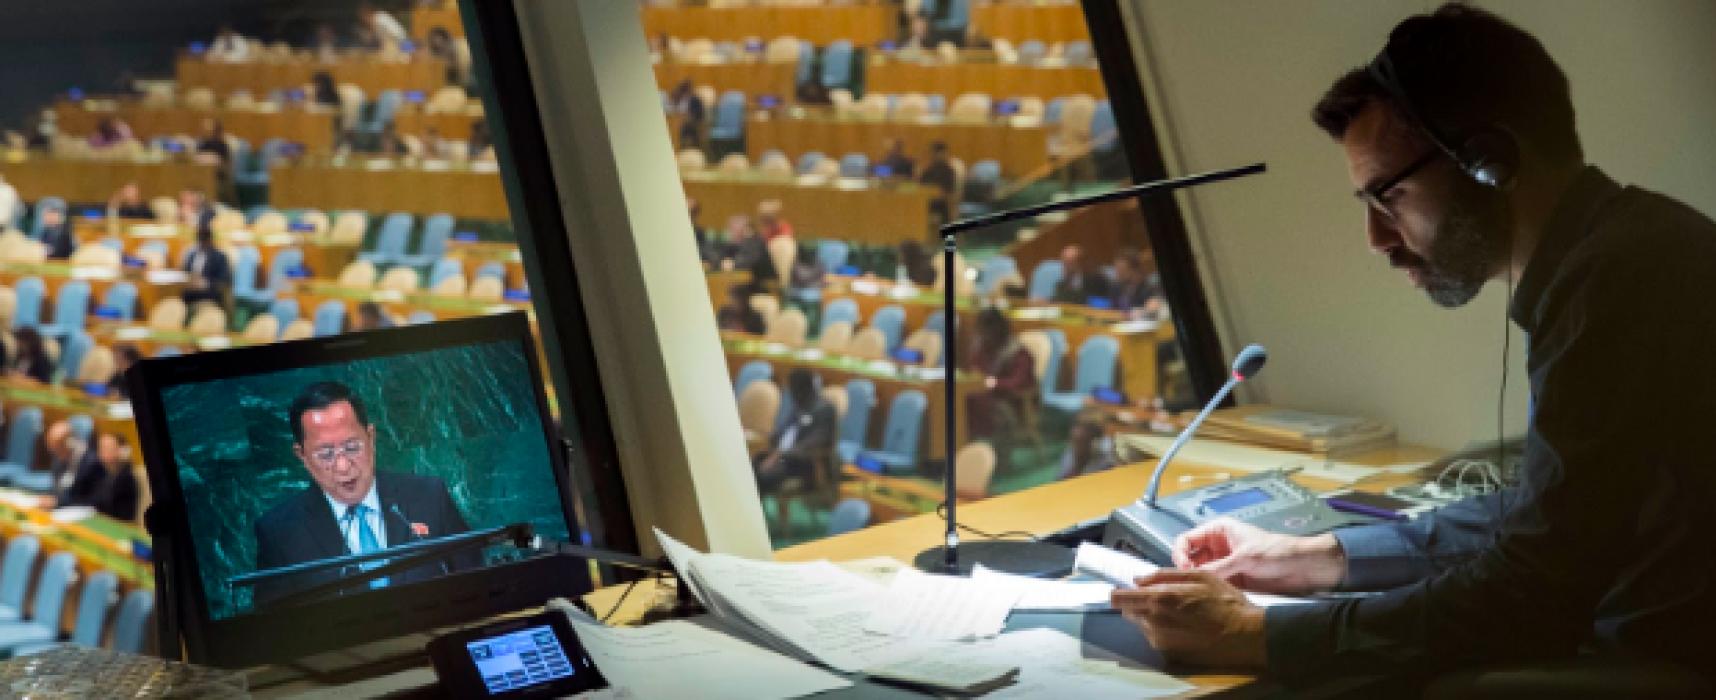 Генеральная Ассамблея ООН под микроскопом проверки фактов